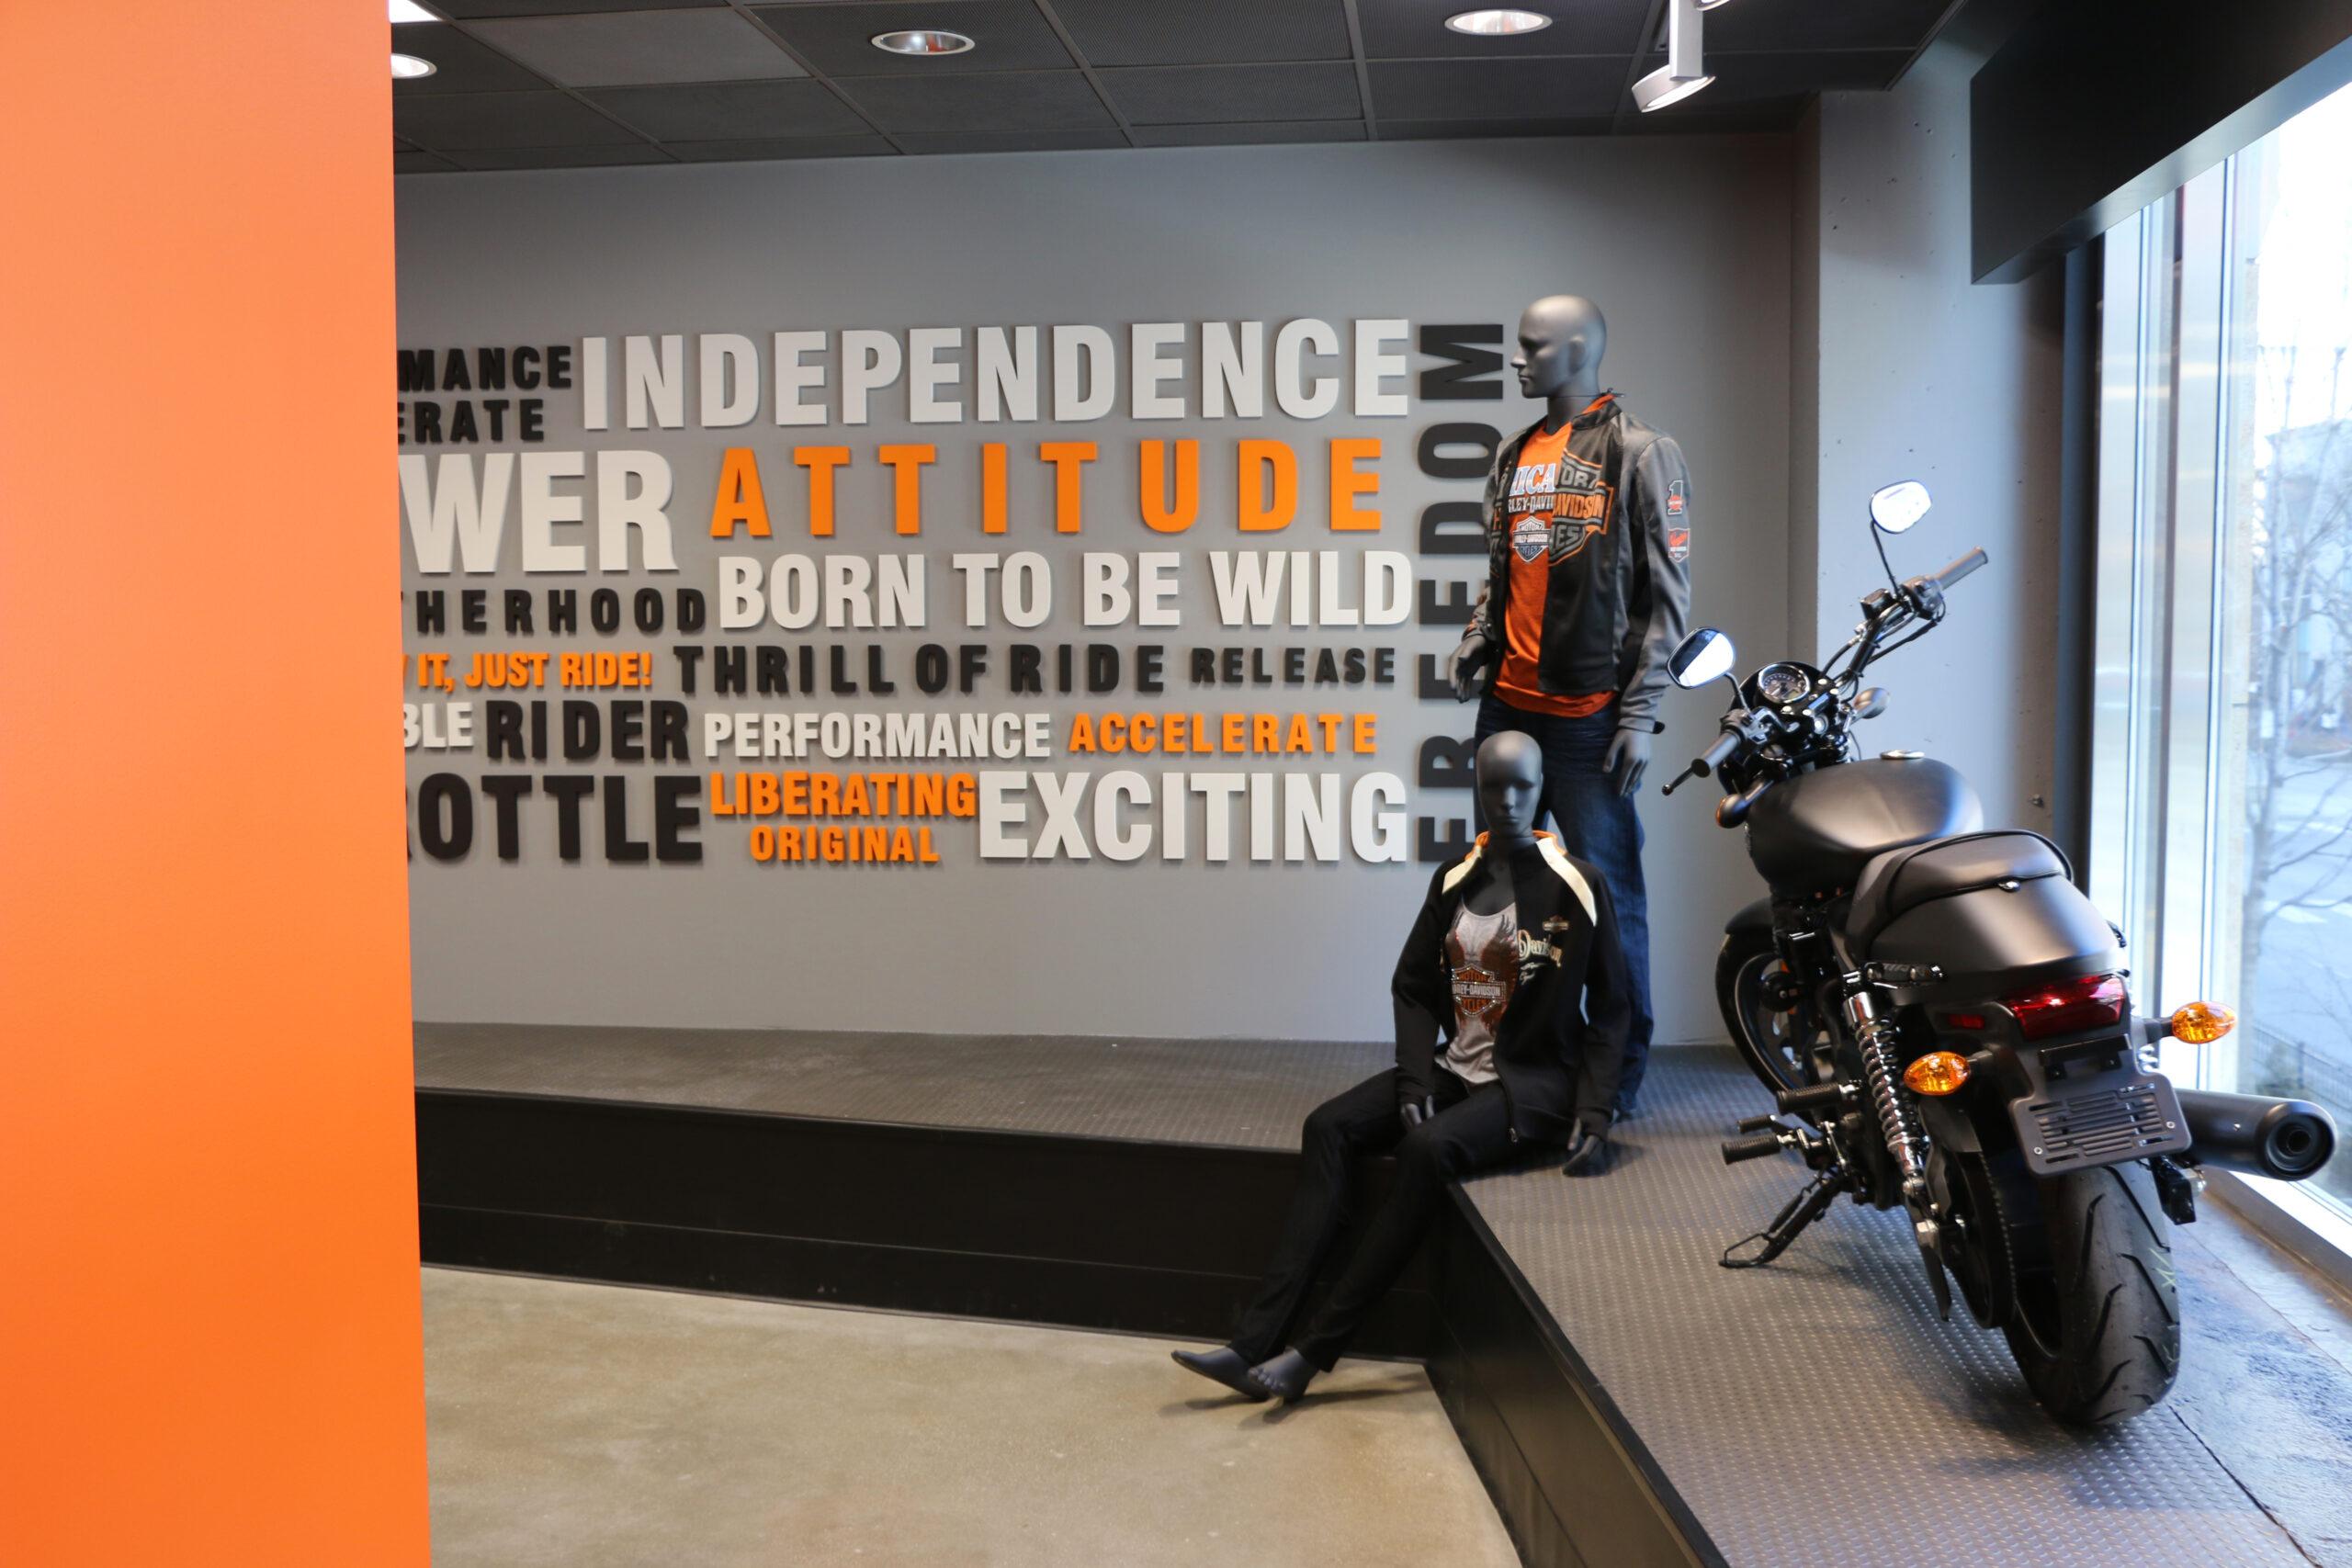 Wall graphics and branding at Harley Davidson.